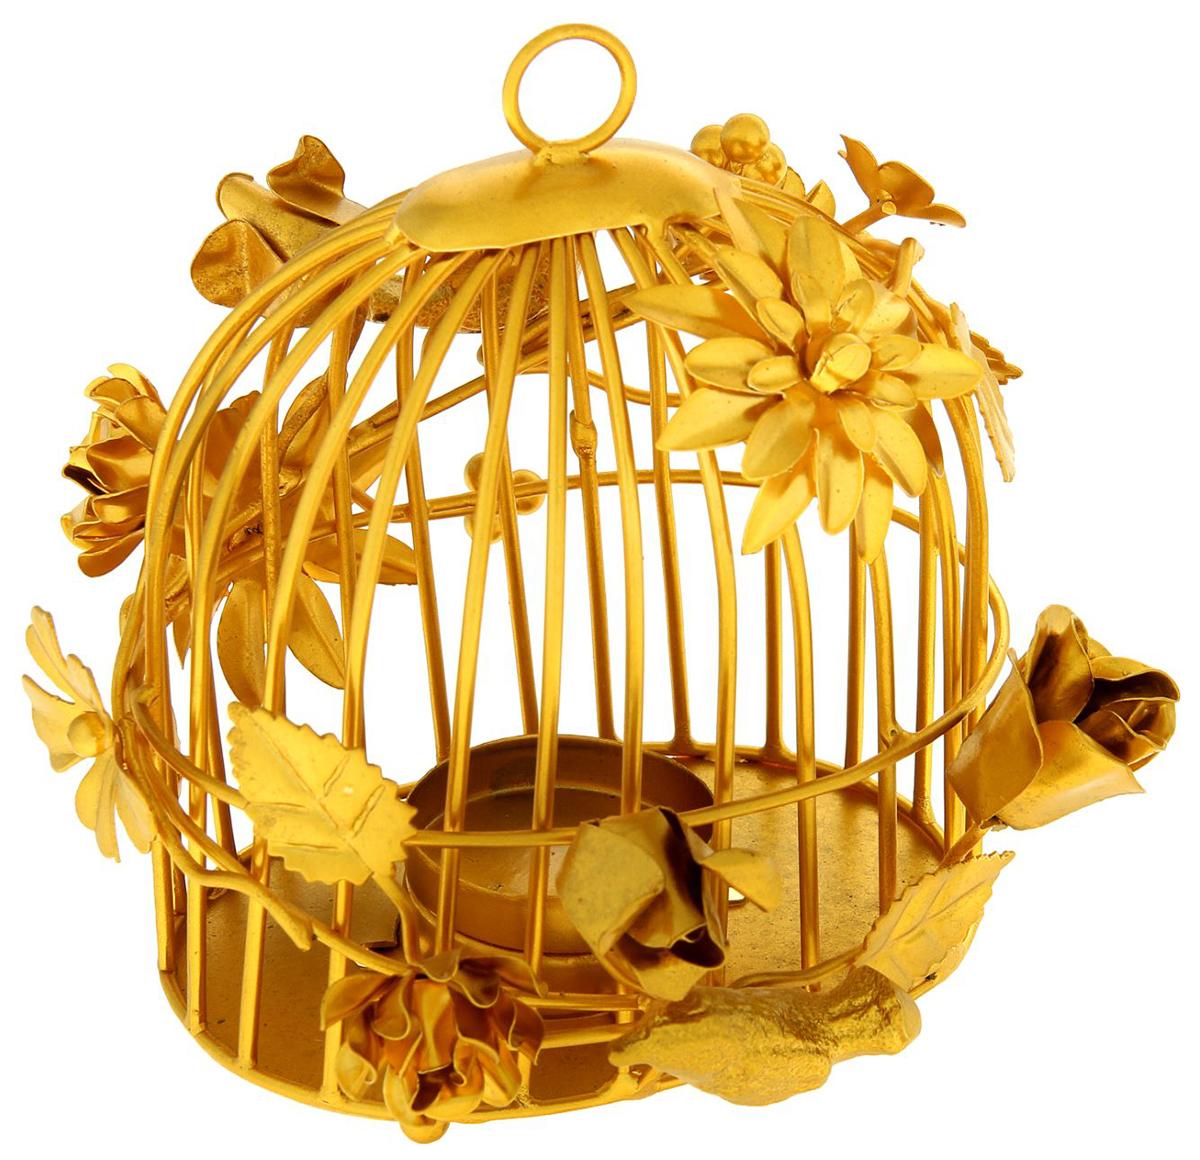 Подсвечник Золотая клетка, цвет: золотистый, 14 х 11 х 14 см484146Прекрасный Подсвечник на 1 свечу Золотая клетка выполнен из металла и напоминает изысканную кованую композицию. Вы только посмотрите на эти нежные изгибы, утонченные линии грациозных лепестков... Все это кажется таким легким и воздушным. Хотя если взять этот невероятный подсвечник в руки, то Вы наверняка почувствуете тяжесть металла.Поставьте этот прелестный аксессуар в гостином зале, каминной комнате, личном кабинете своего офиса или же в спальне. Зажгите свечи и Вы увидите живописные тени в полумраке комнаты. Насладитесь приятной обстановкой после тяжелого рабочего дня или устройте романтический ужин при свечах со своей второй половинкой.